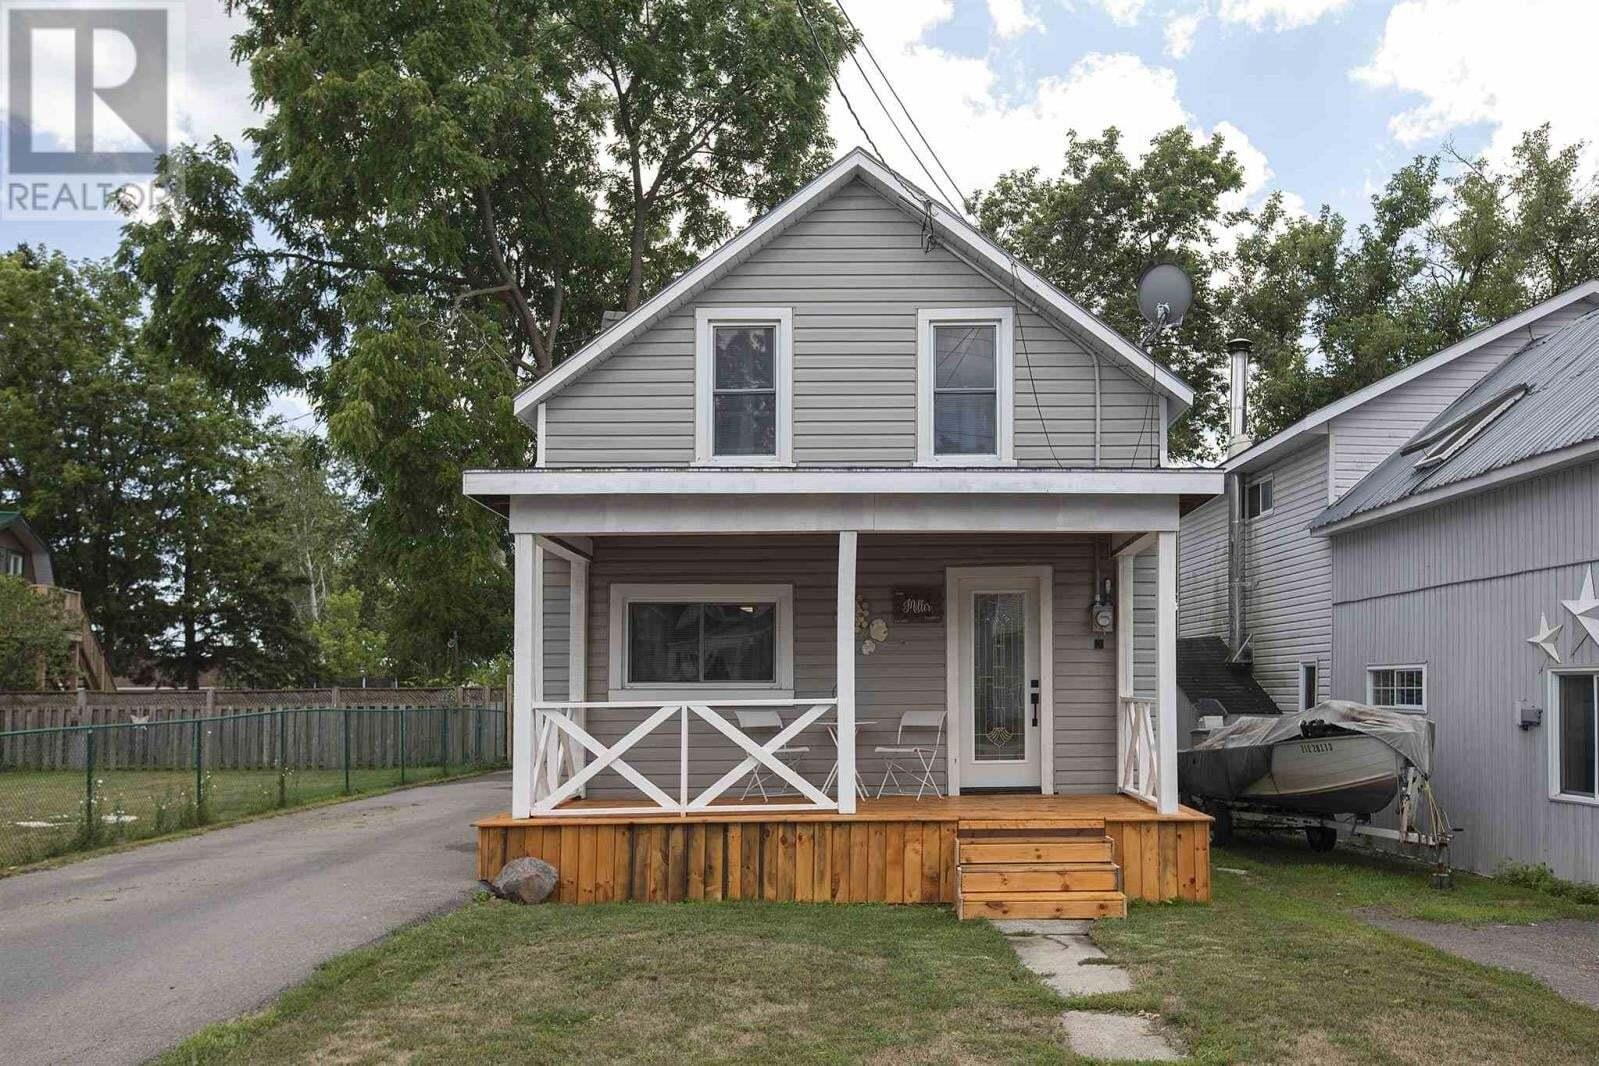 House for sale at 392 Thomas St Deseronto Ontario - MLS: K20004377